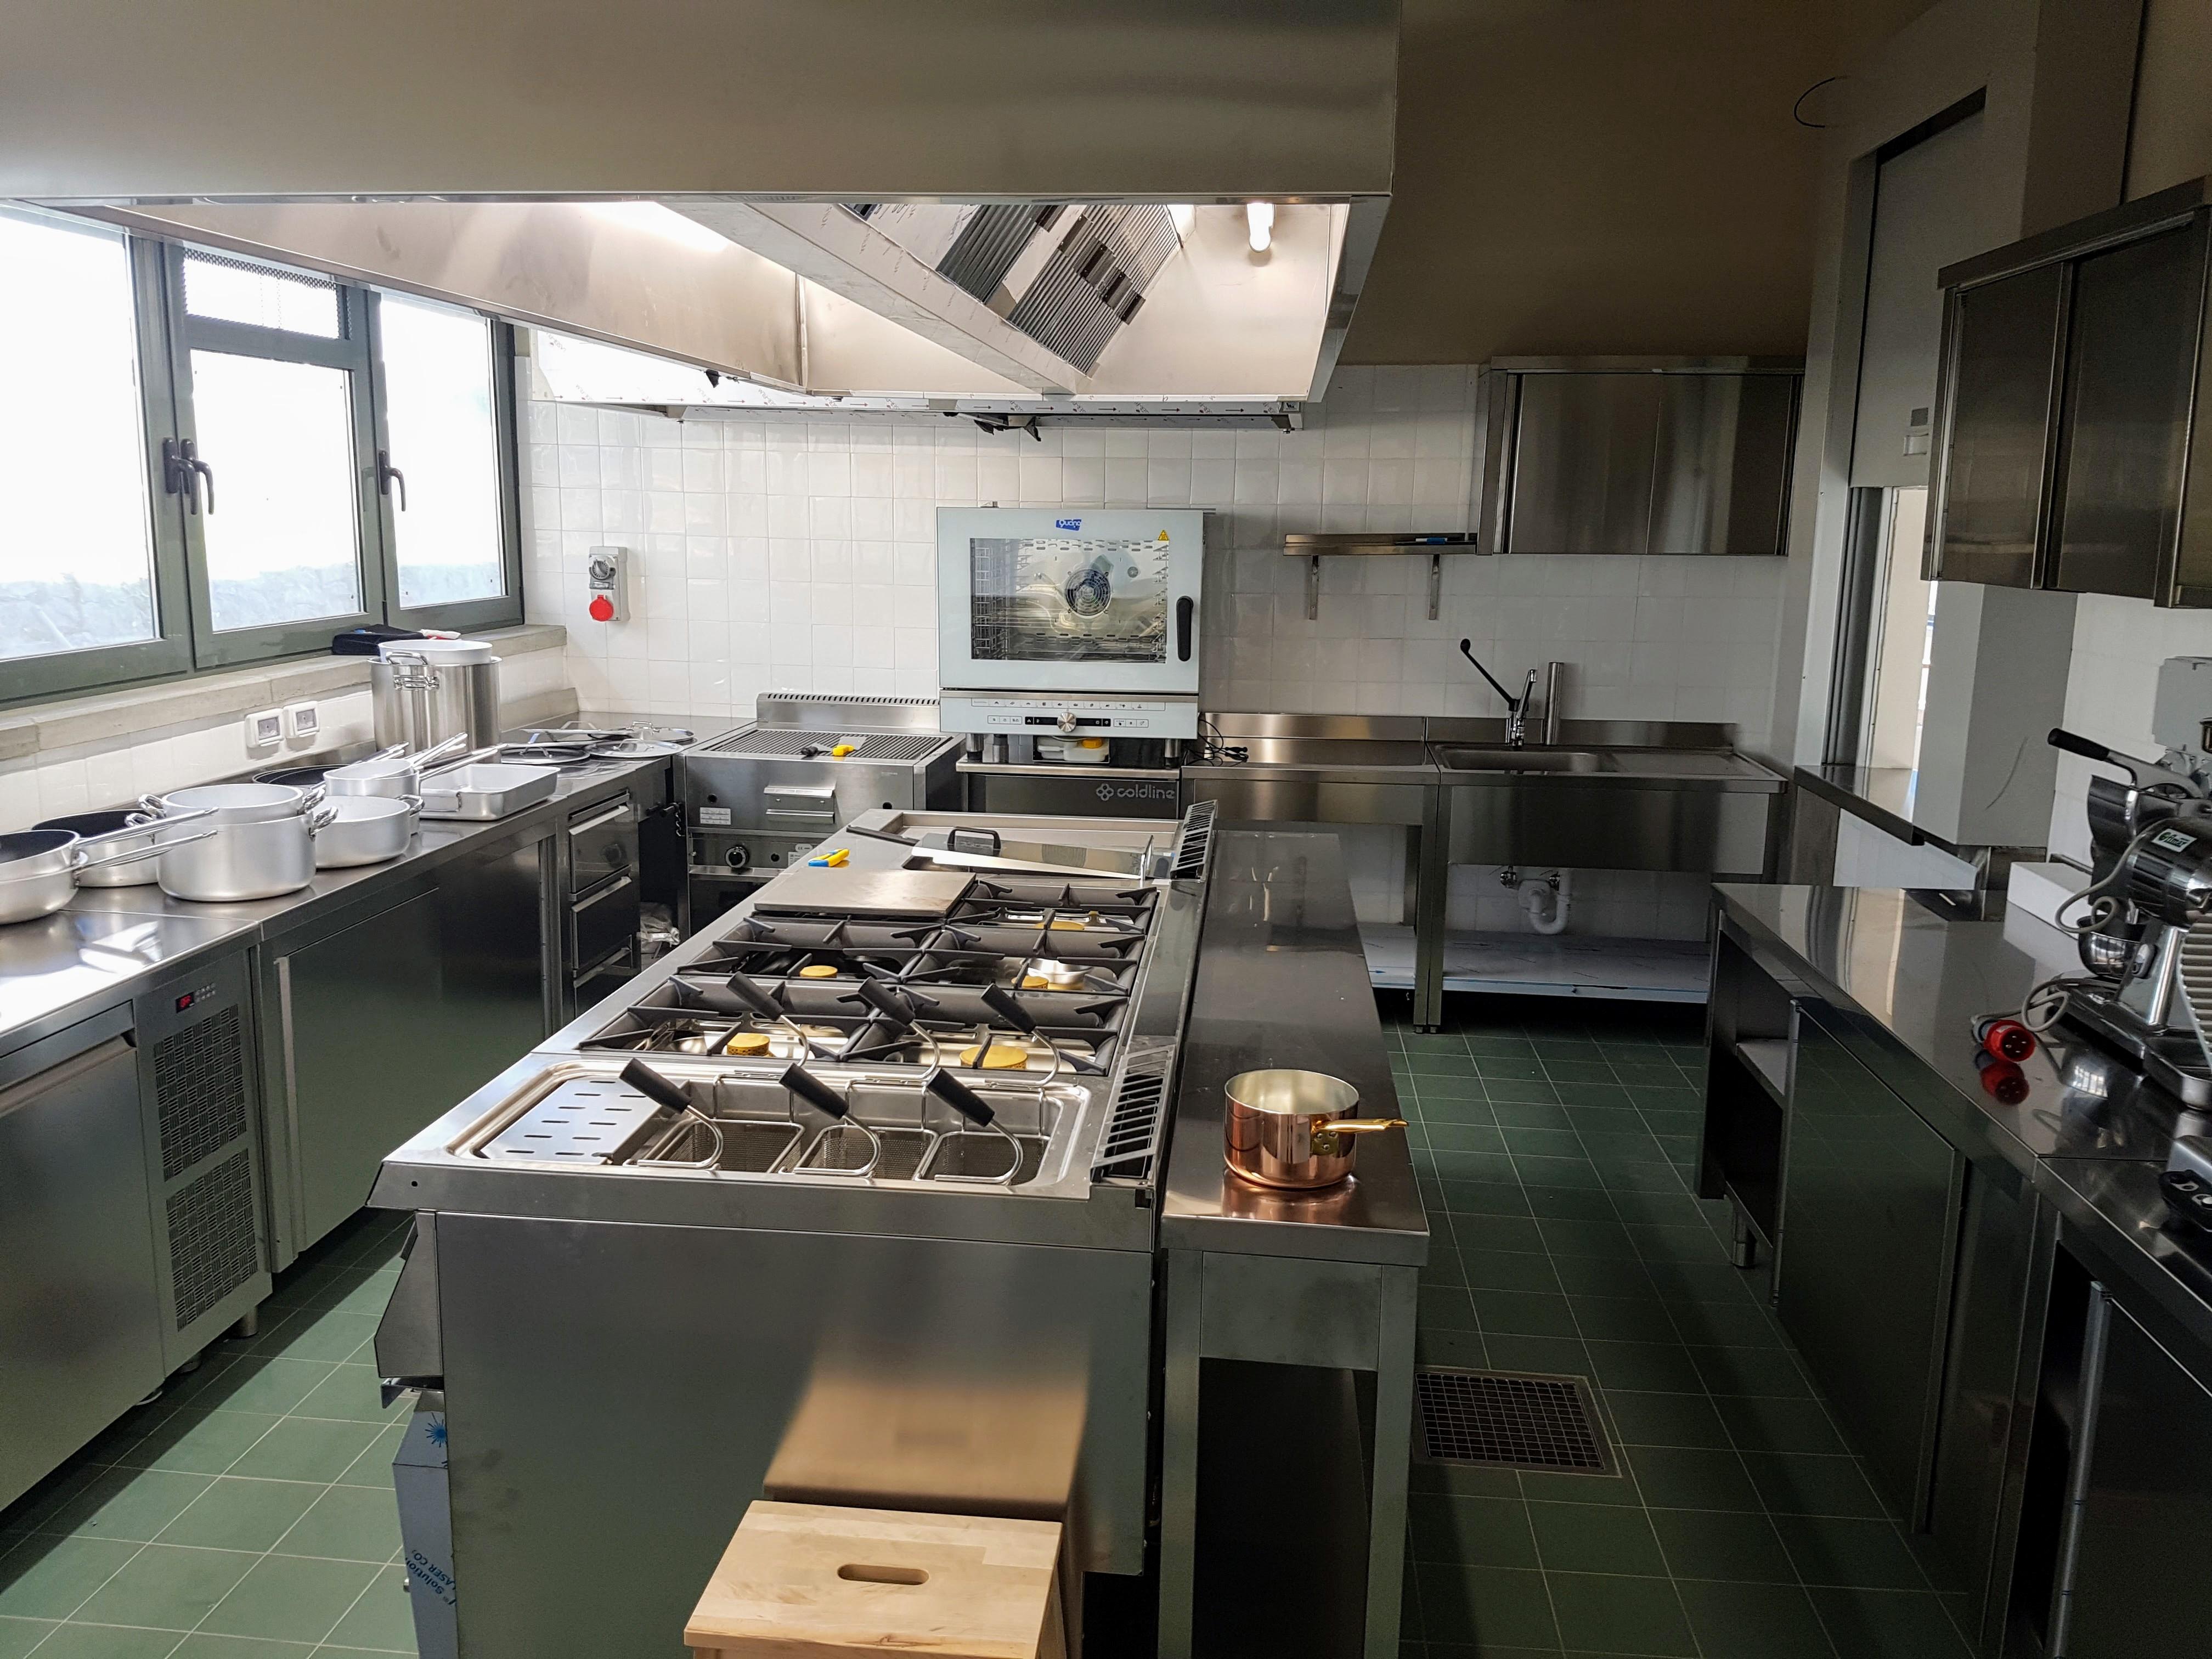 Guidotti Cucine Professionali Srl - Cucine Professionali Firenze